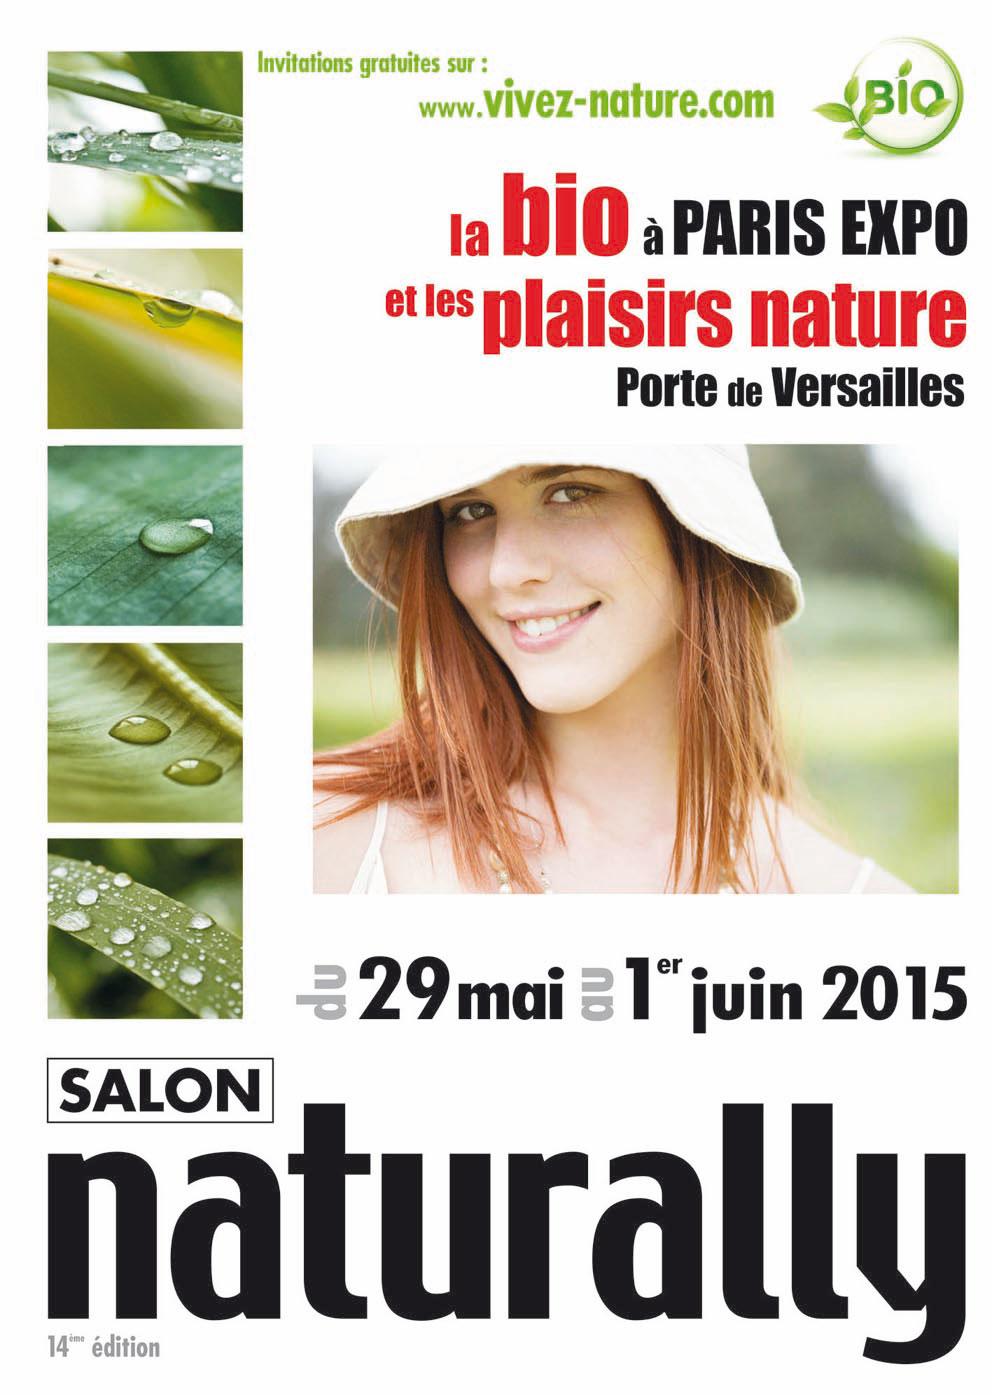 """Invitation gratuite pour le salon Bio """"Naturally"""" de Lyon et Paris (au lieu de 5€)"""